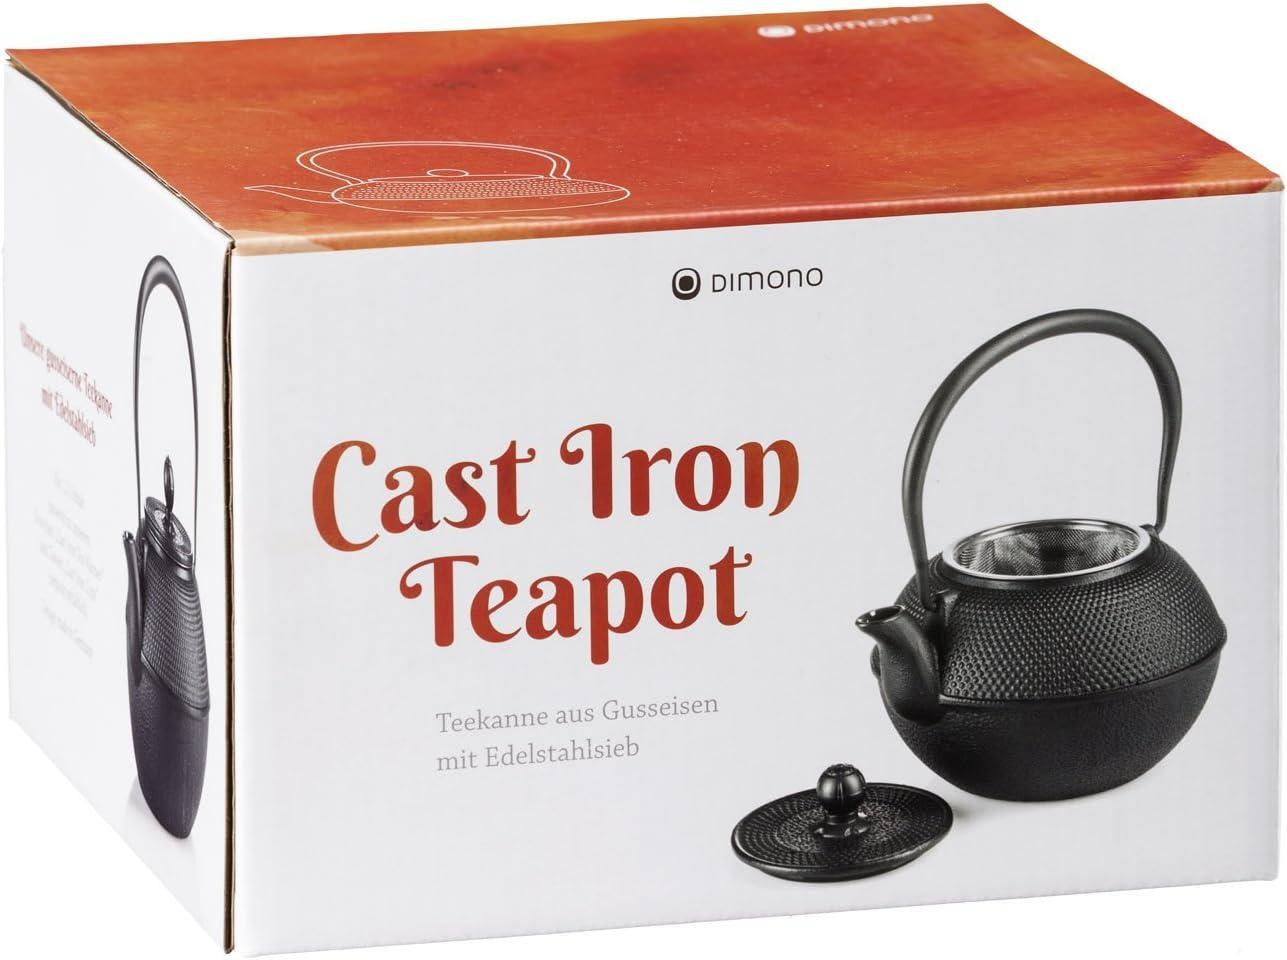 Teekanne 1300ml hierro fundido negro Tetera de hierro fundido Dimono